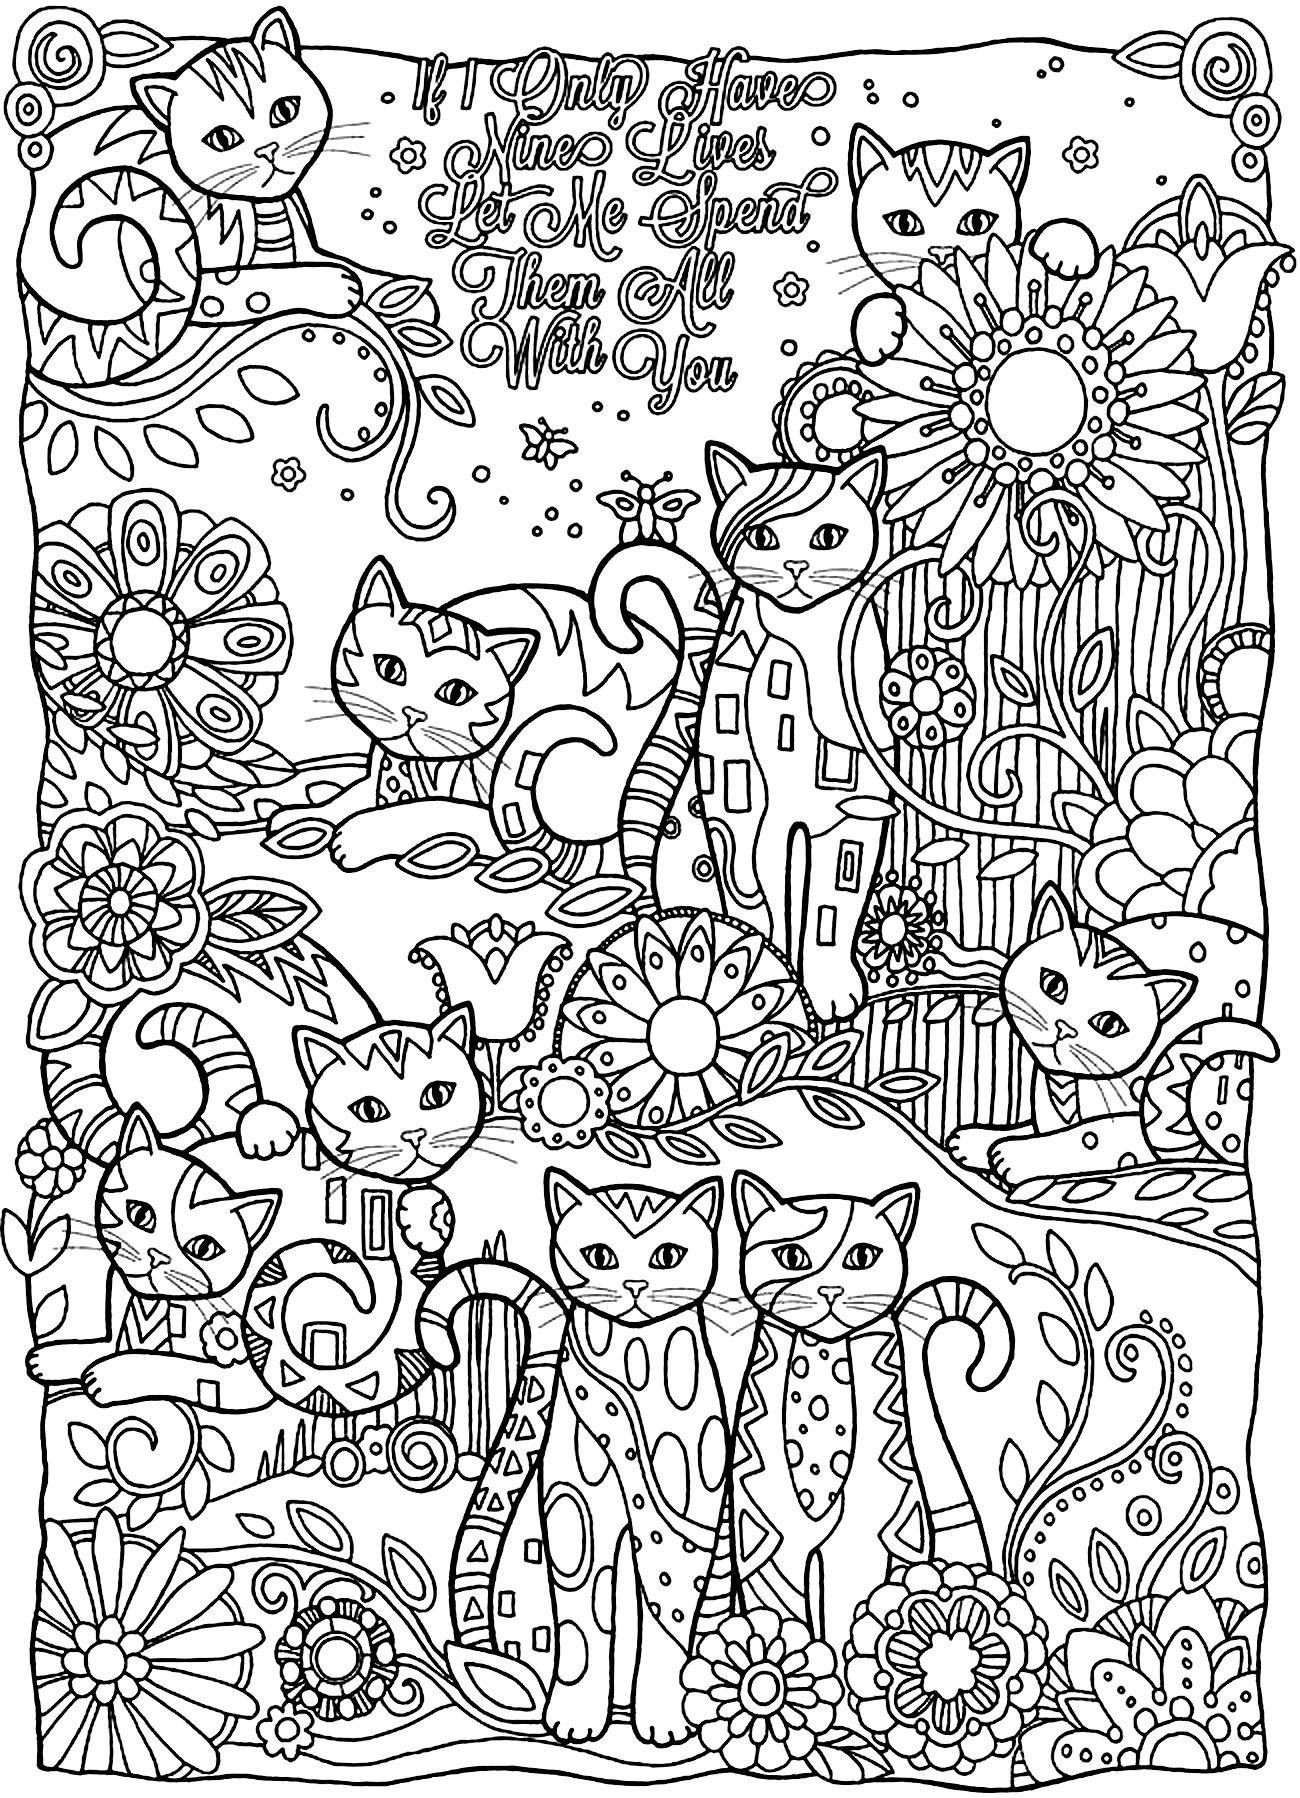 Épinglé Sur Coloriage destiné Coloriage Simba A Imprimer Gratuit